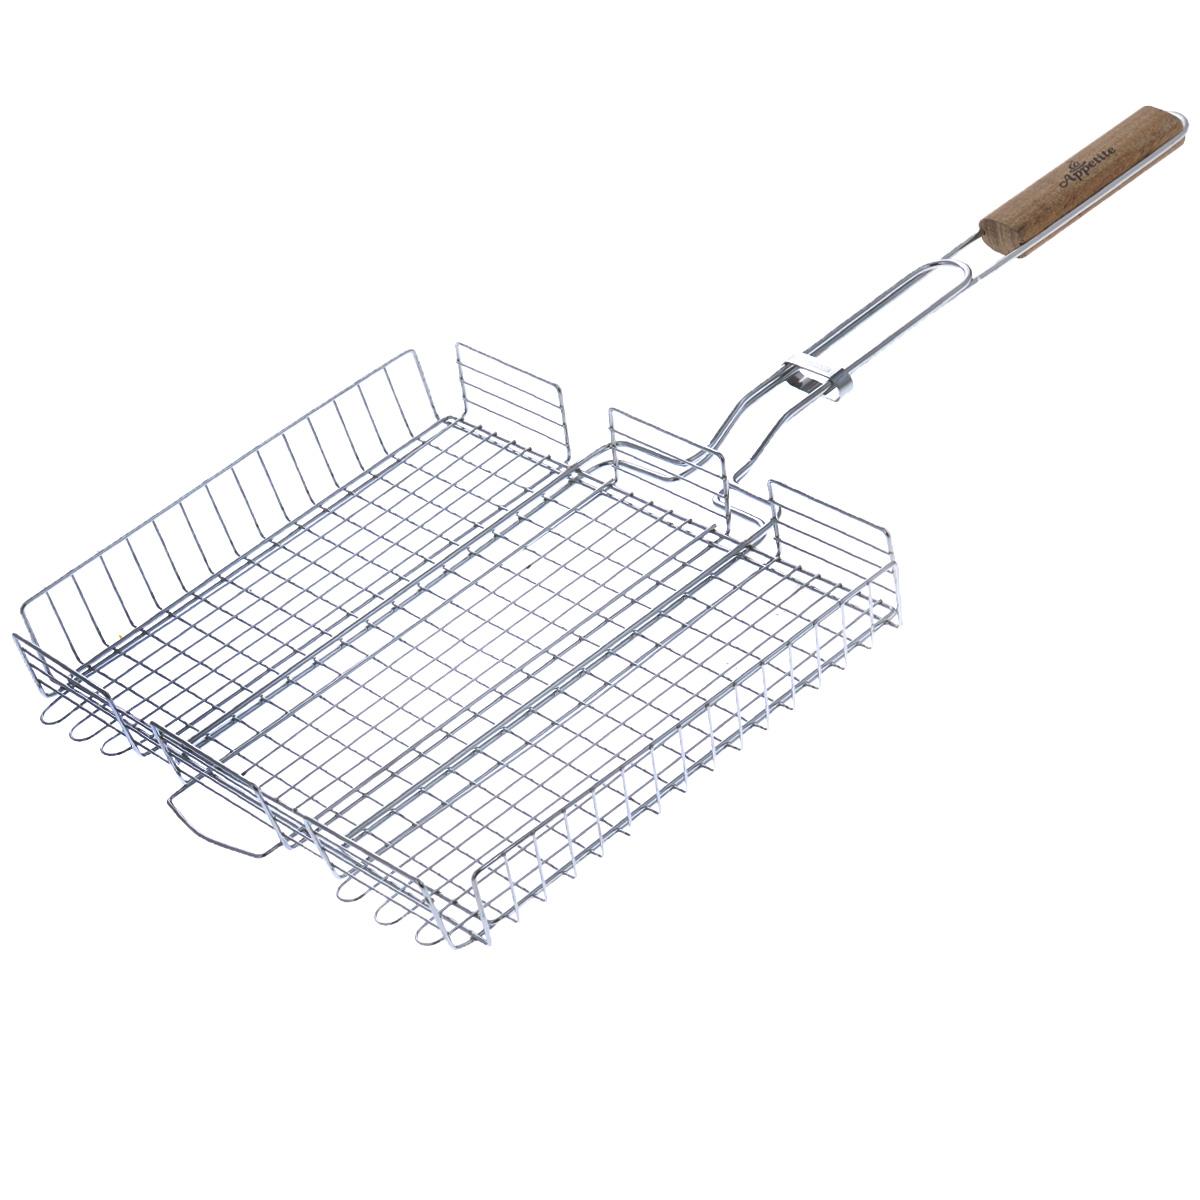 Решетка-гриль глубокая Appetite, 35 х 28,5 см391602Решетка-гриль Appetite изготовлена из стали с хромированным покрытием. Приготовление вкусных блюд из рыбы, мяса или птицы на пикнике становится еще более быстрым и удобным с использованием решетки-гриль. Верхняя прижимная сетка решетки регулируется по высоте и позволяет готовить продукты разной толщины. Высокие бортики не дадут упасть продуктам на угли при перевороте решетки. Решетка-гриль отлично подходит для мангала. Удобная для обхвата деревянная ручка помогает легче переворачивать решетку и делает ее использование более безопасным. Размер решетки: 35 см х 28,5 см х 4,5 см. Длина ручки: 36 см.